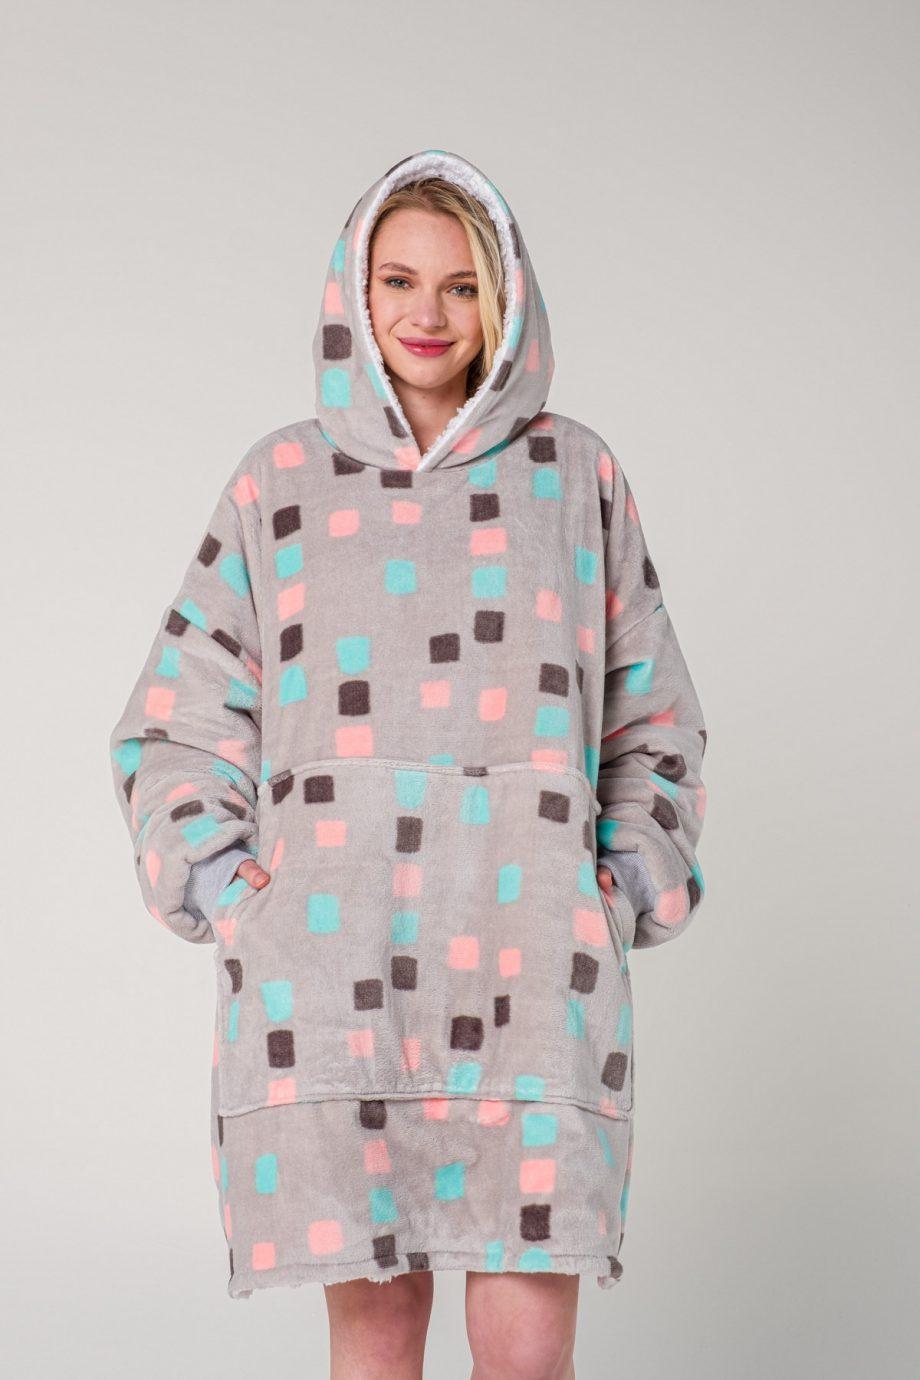 Star Trek Cozy Hoodie Blanket